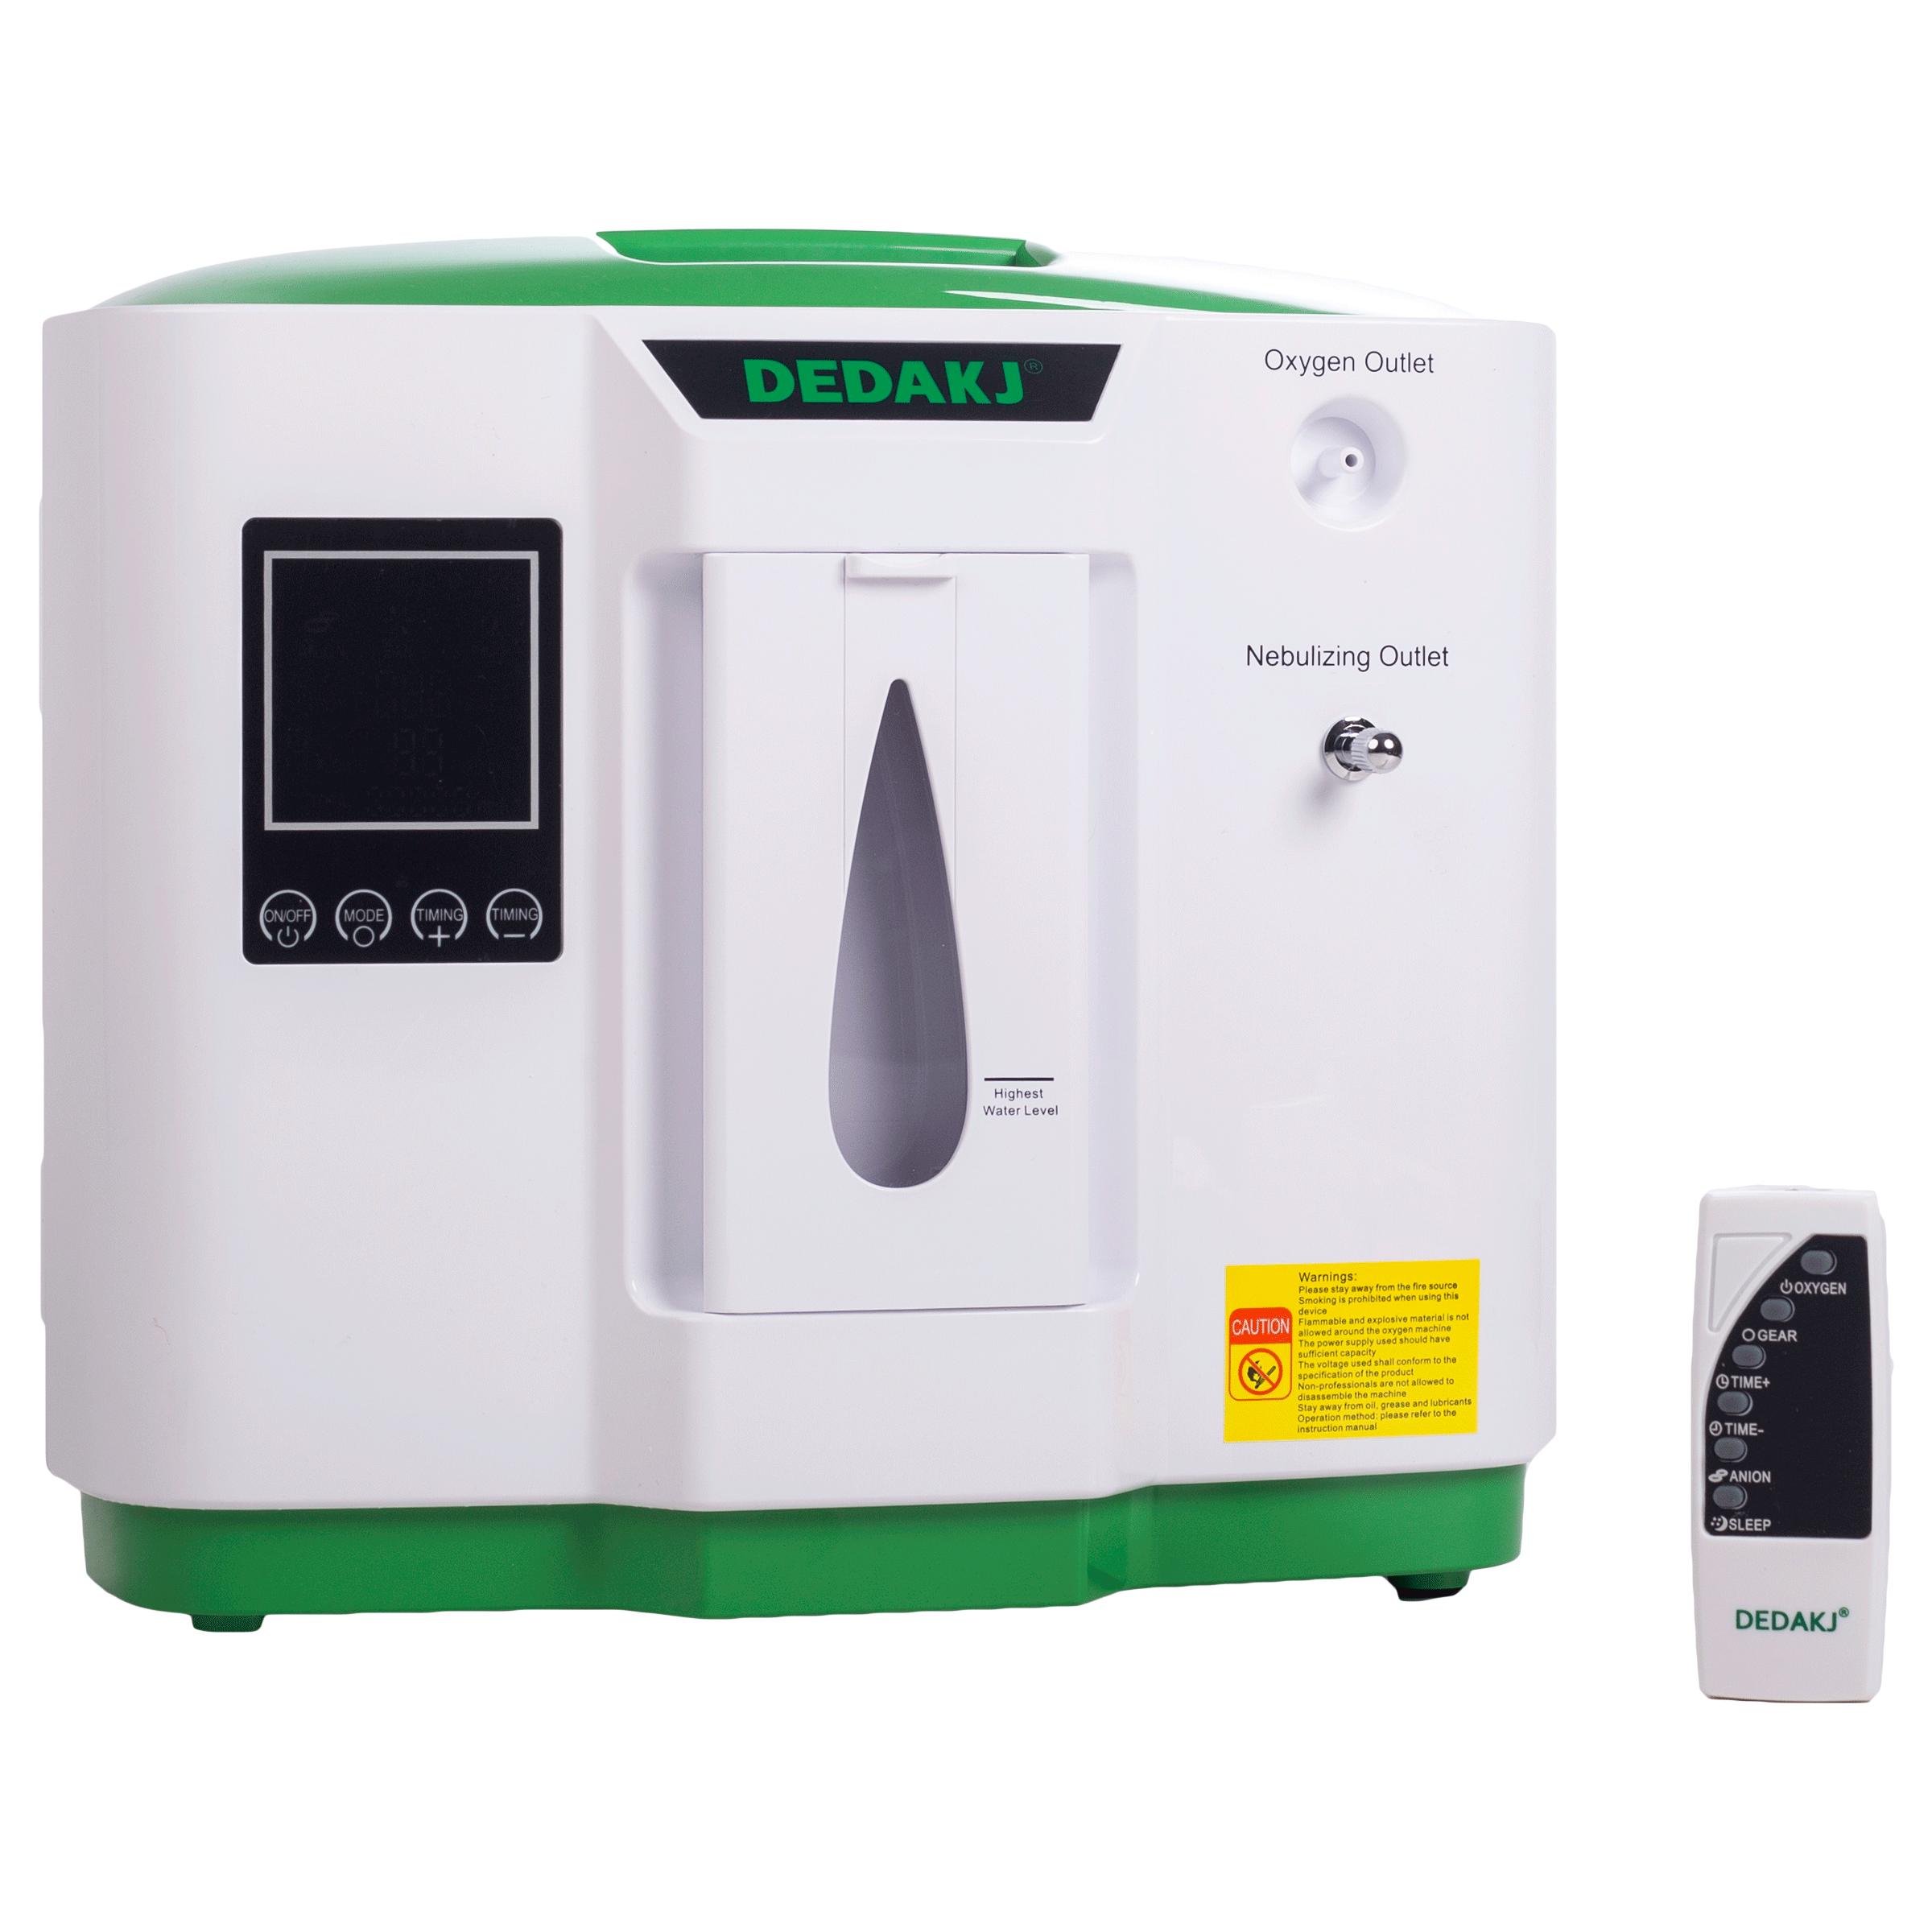 DEDAKJ Household Oxygen Concentrator (Flow Rate: 2 - 9 L/min, Oxygen Concentration 30 - 90%, DE-2AW, White)_1